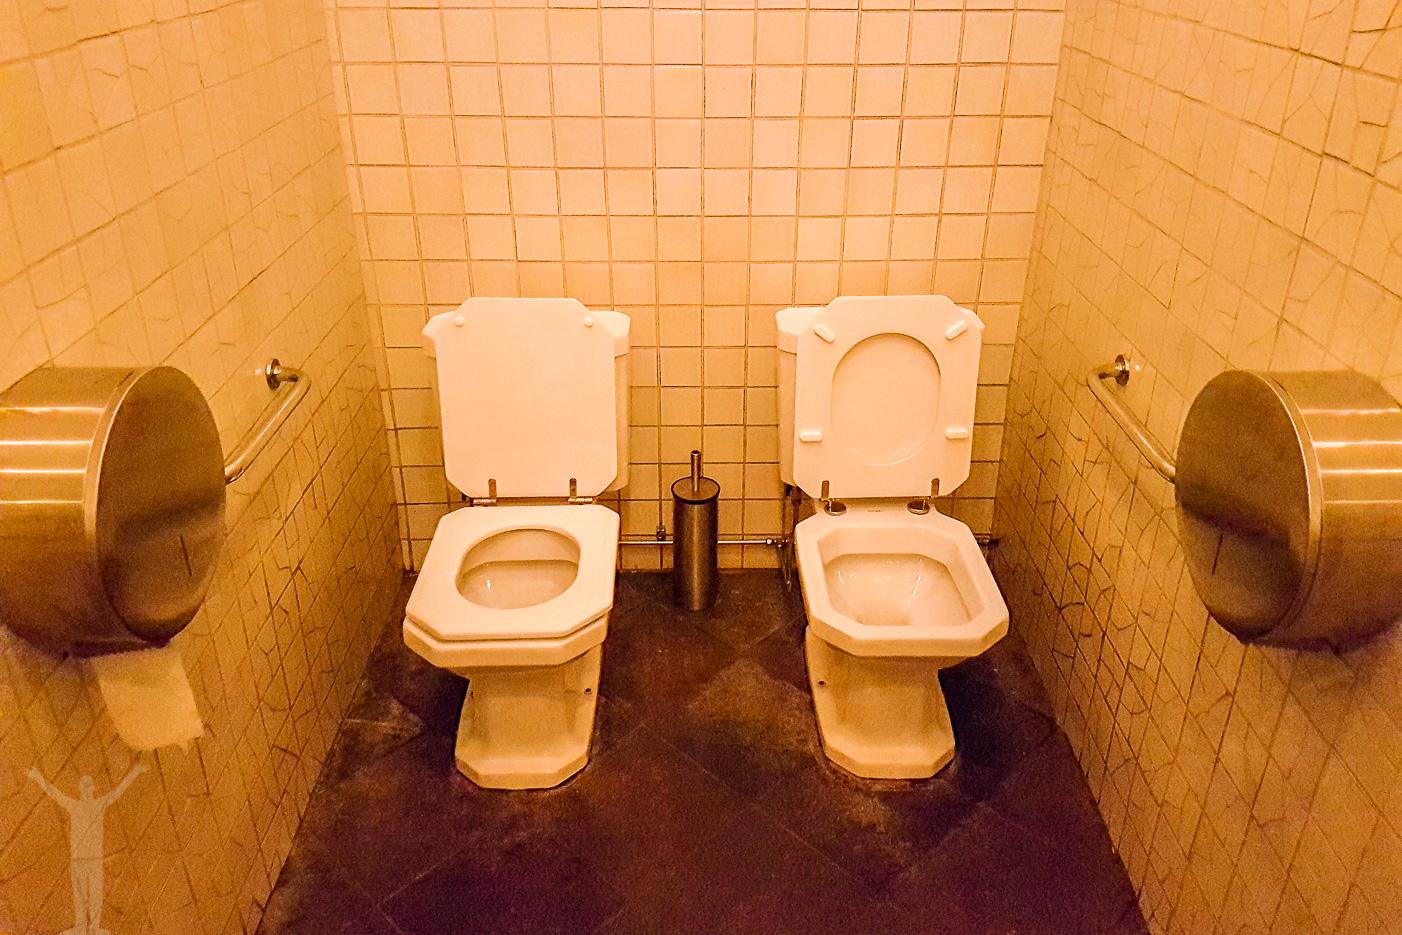 Toaletten - där bra idéer frodas